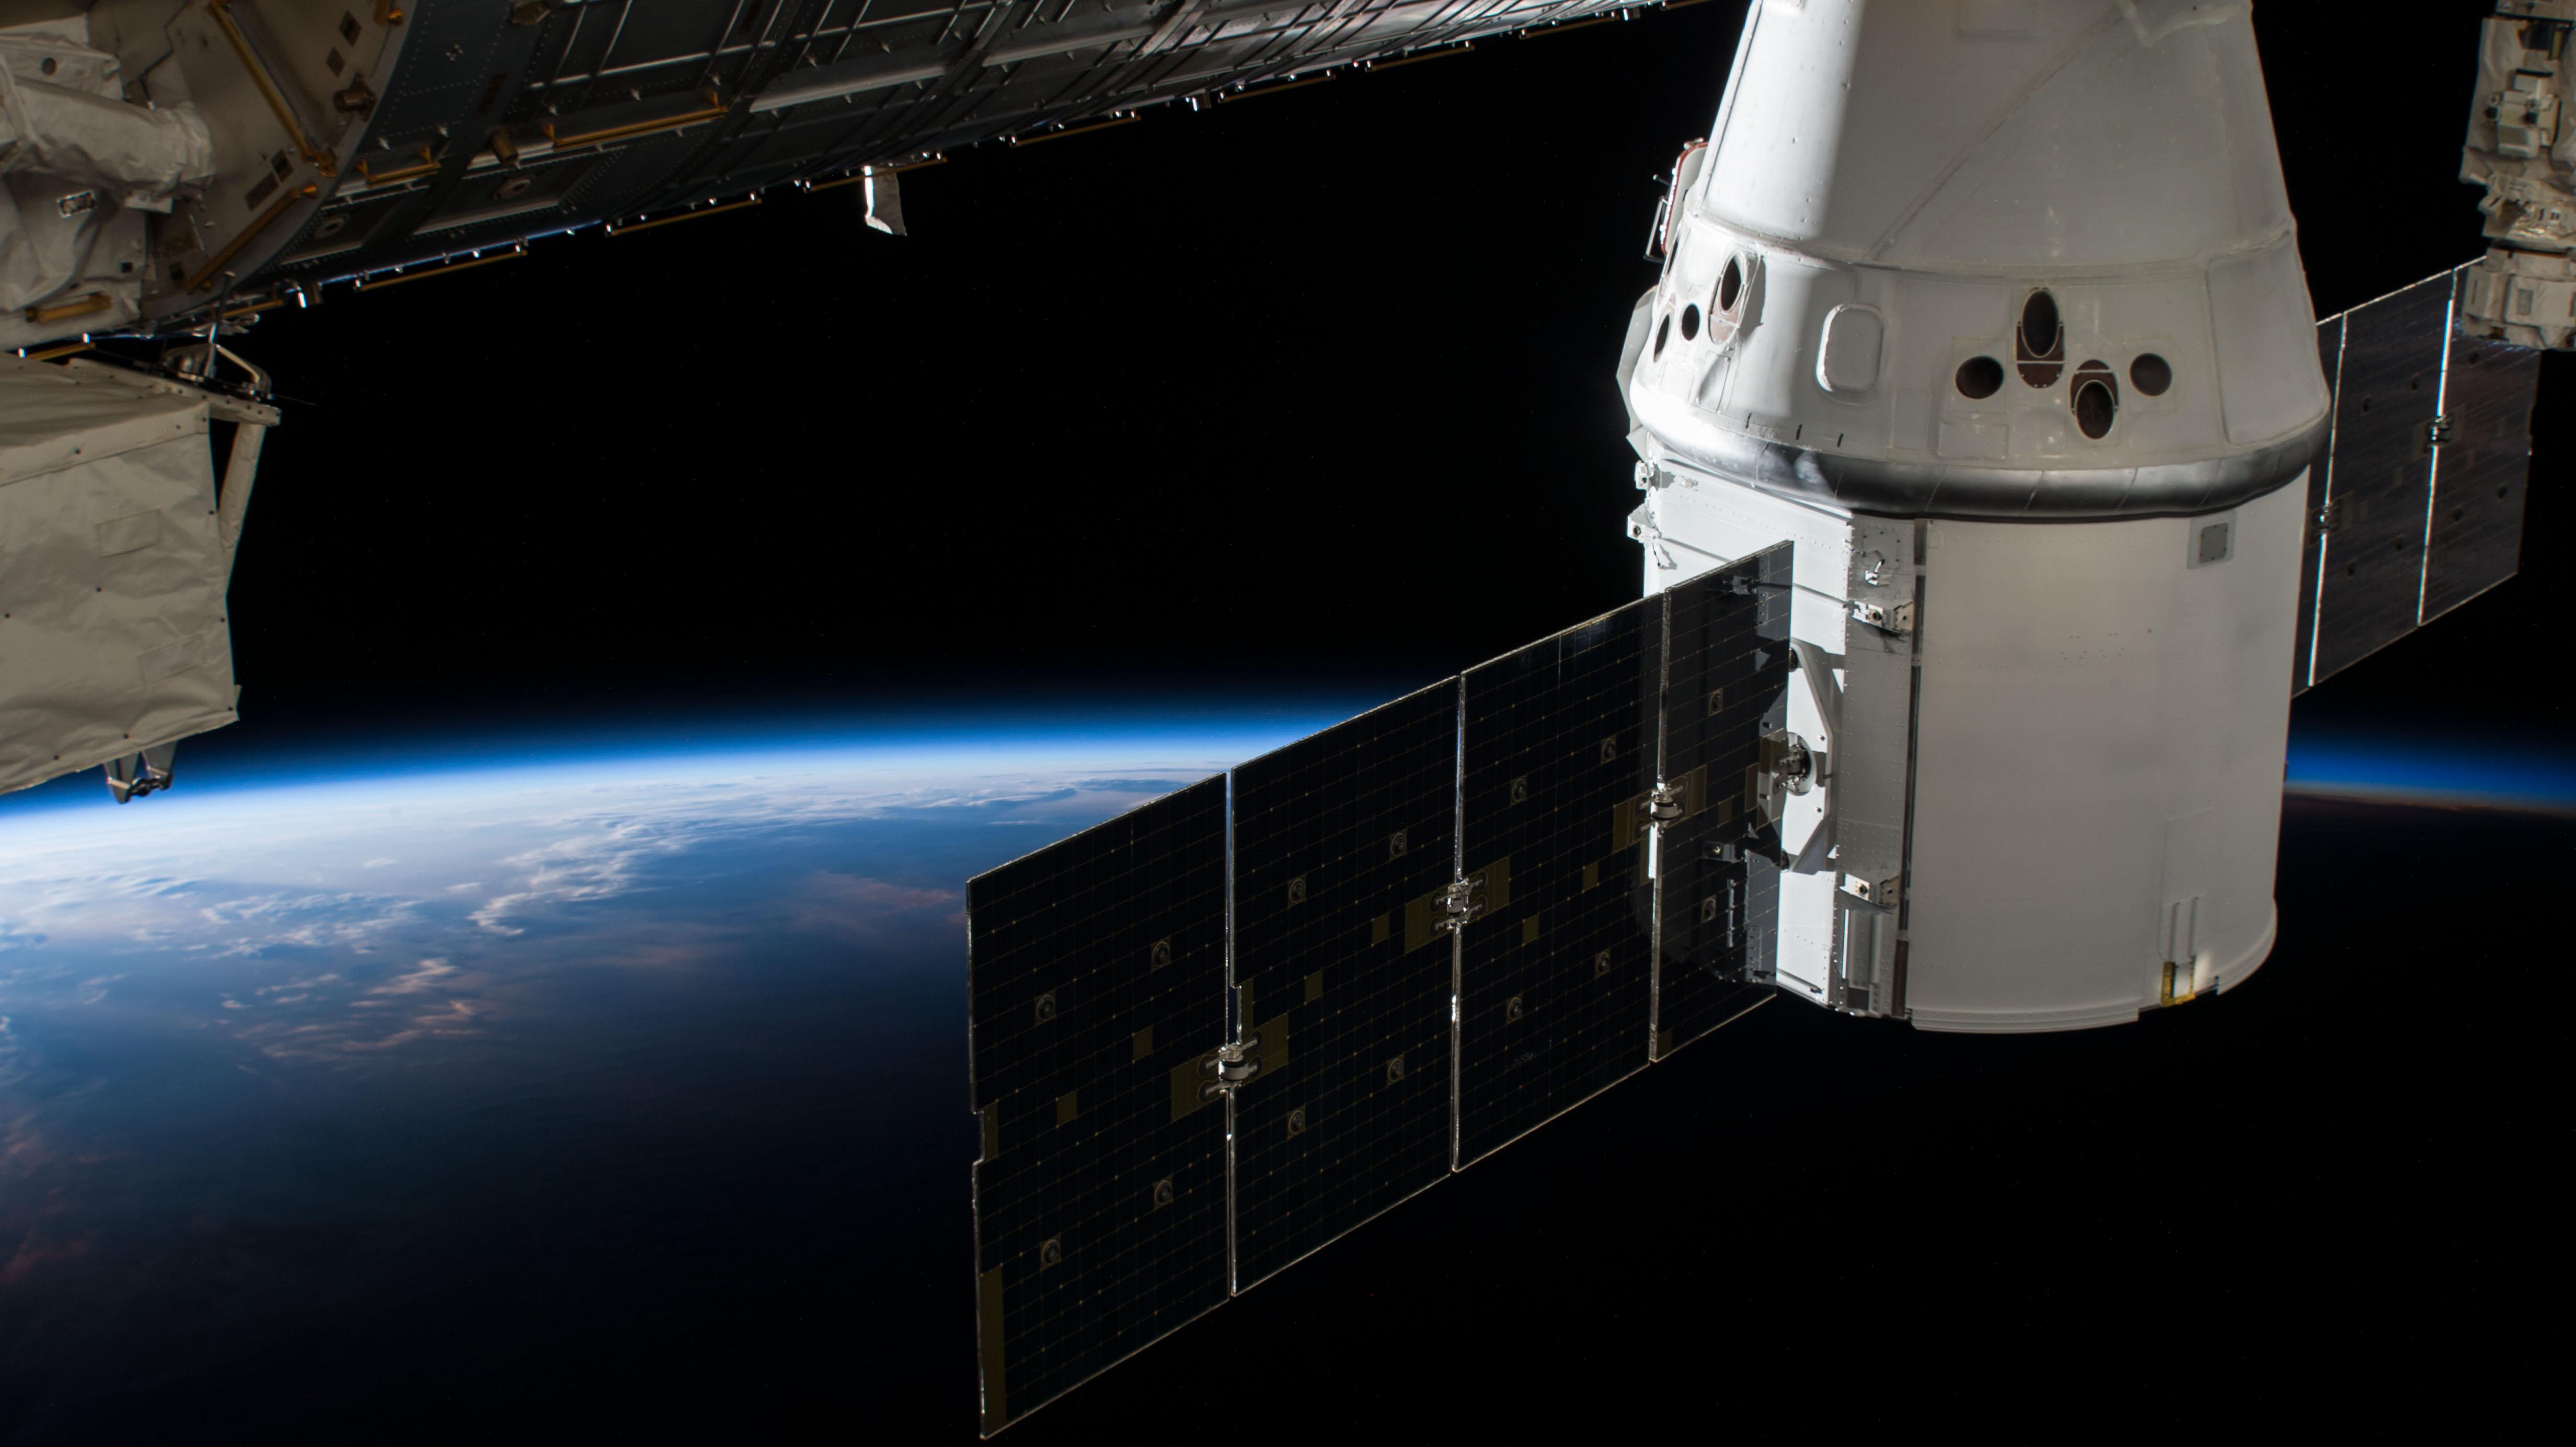 Cargo Dragon C110 CRS-15 070318 (NASA)